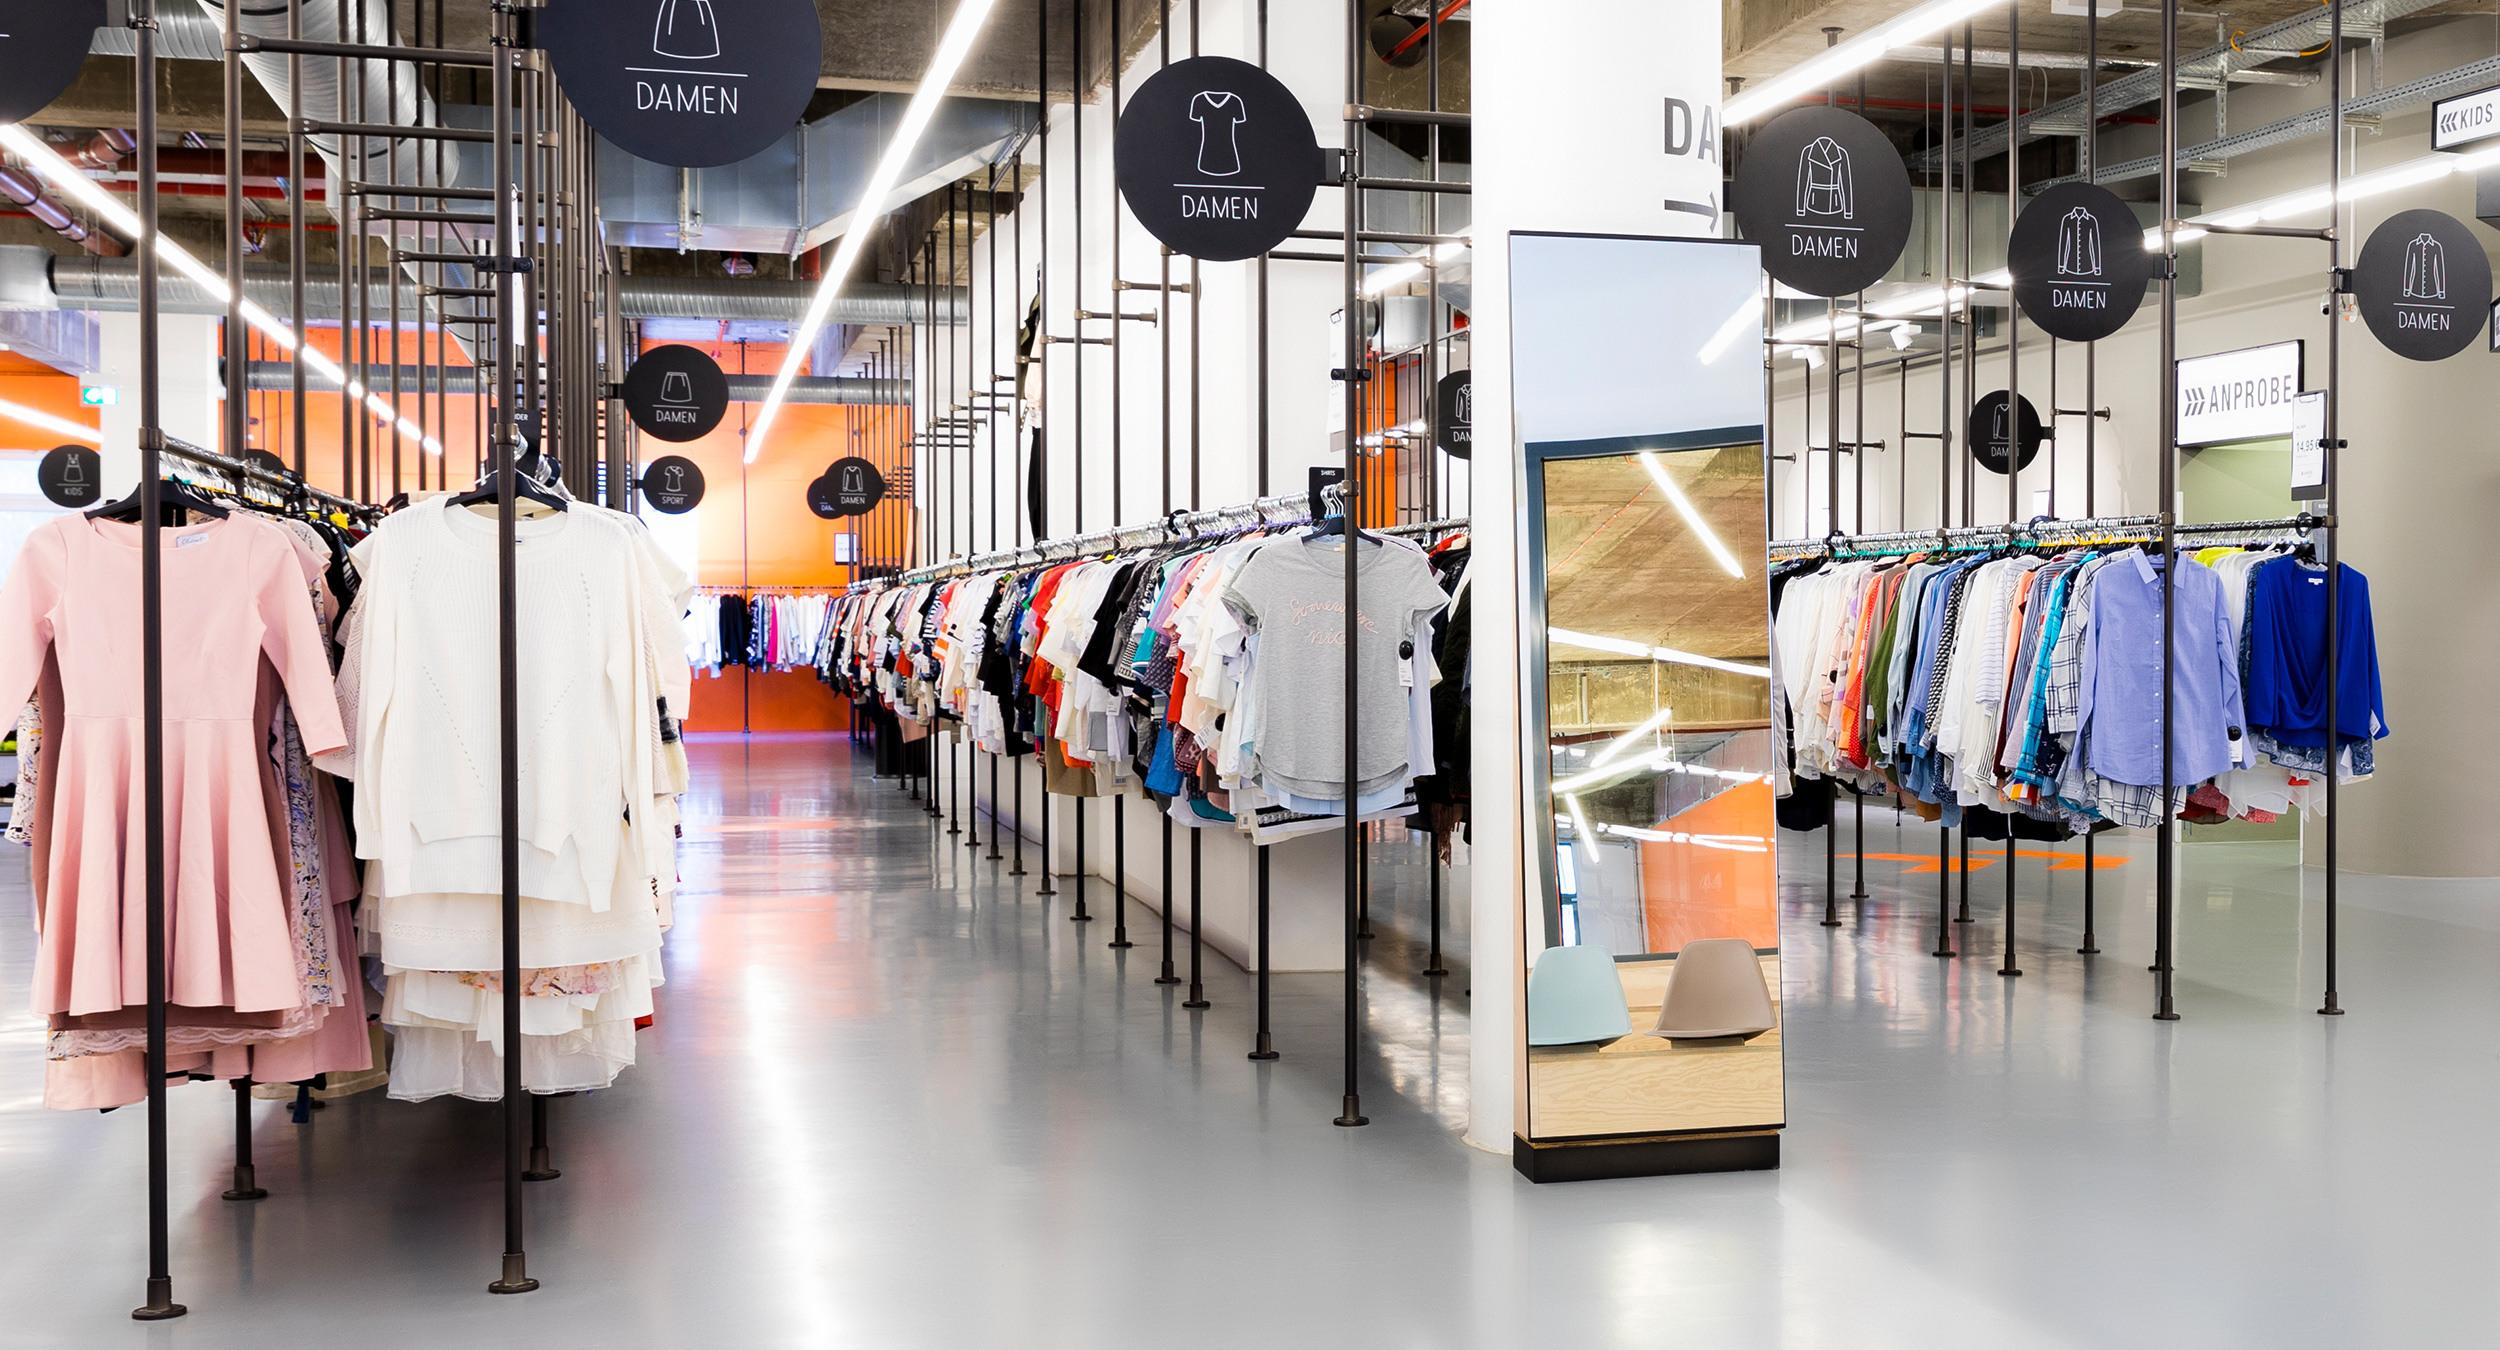 Designer Schön Abendkleider Frankfurt Outlet VertriebFormal Luxus Abendkleider Frankfurt Outlet Vertrieb